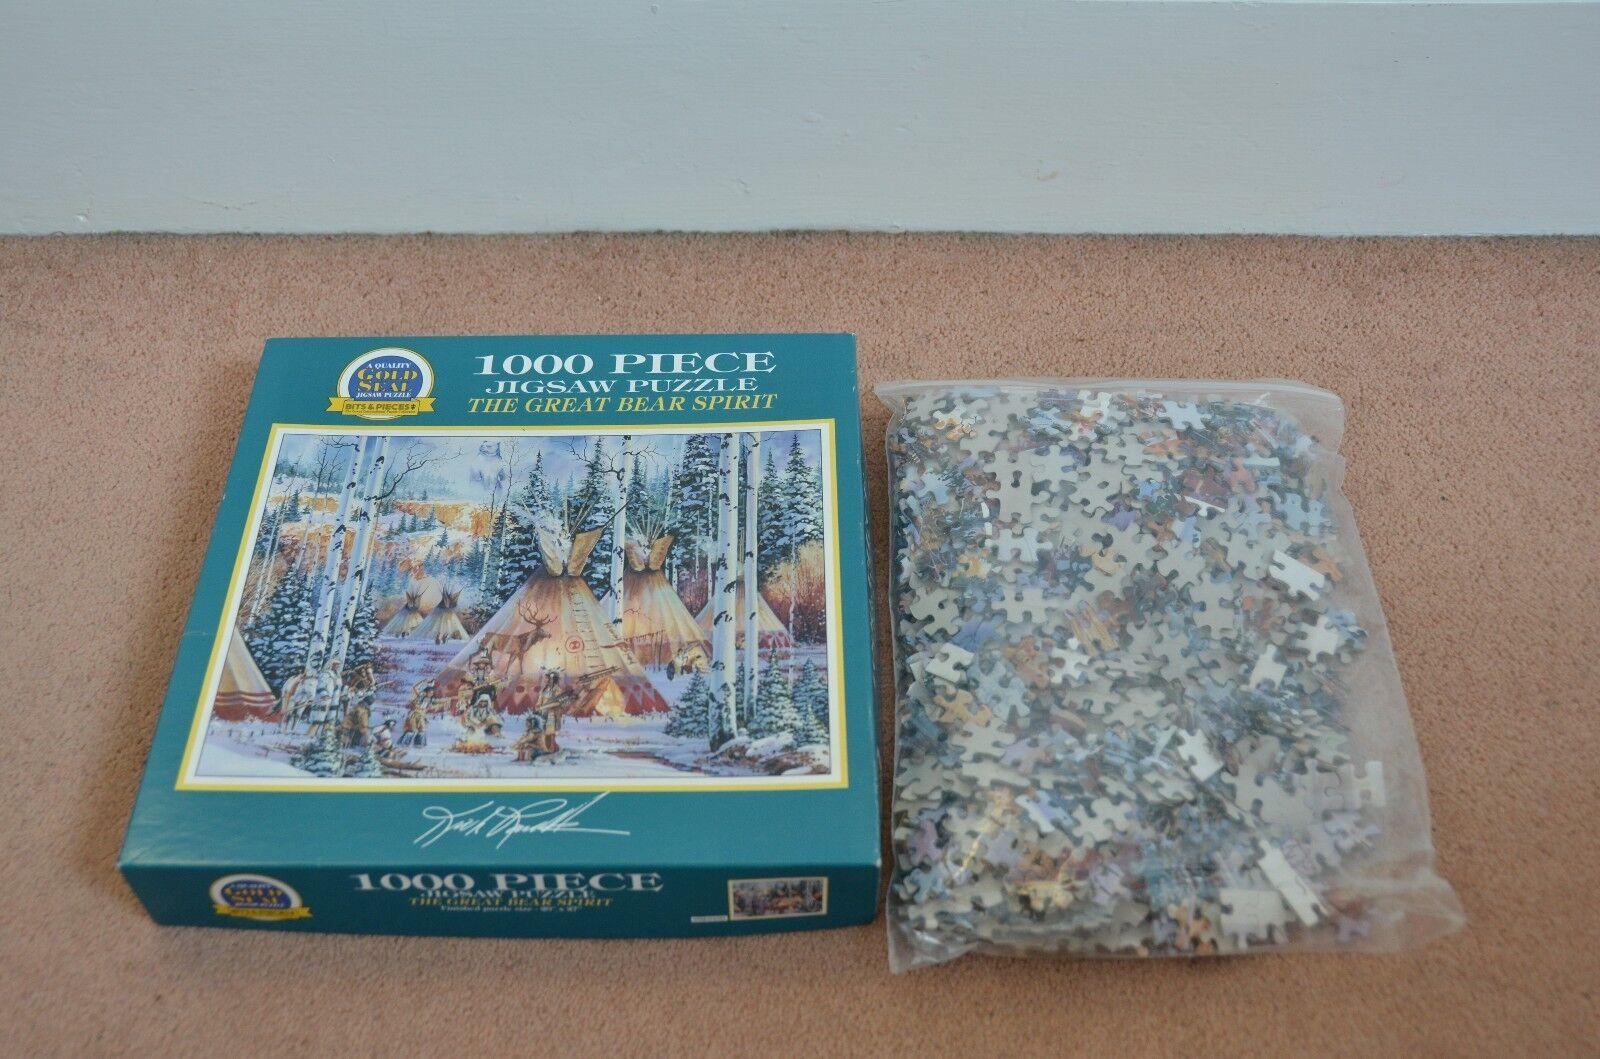 Bits Puzzle & Pieces Puzzle Bits  02-0109 - The Great Bear Spirit - 1000 piece 20